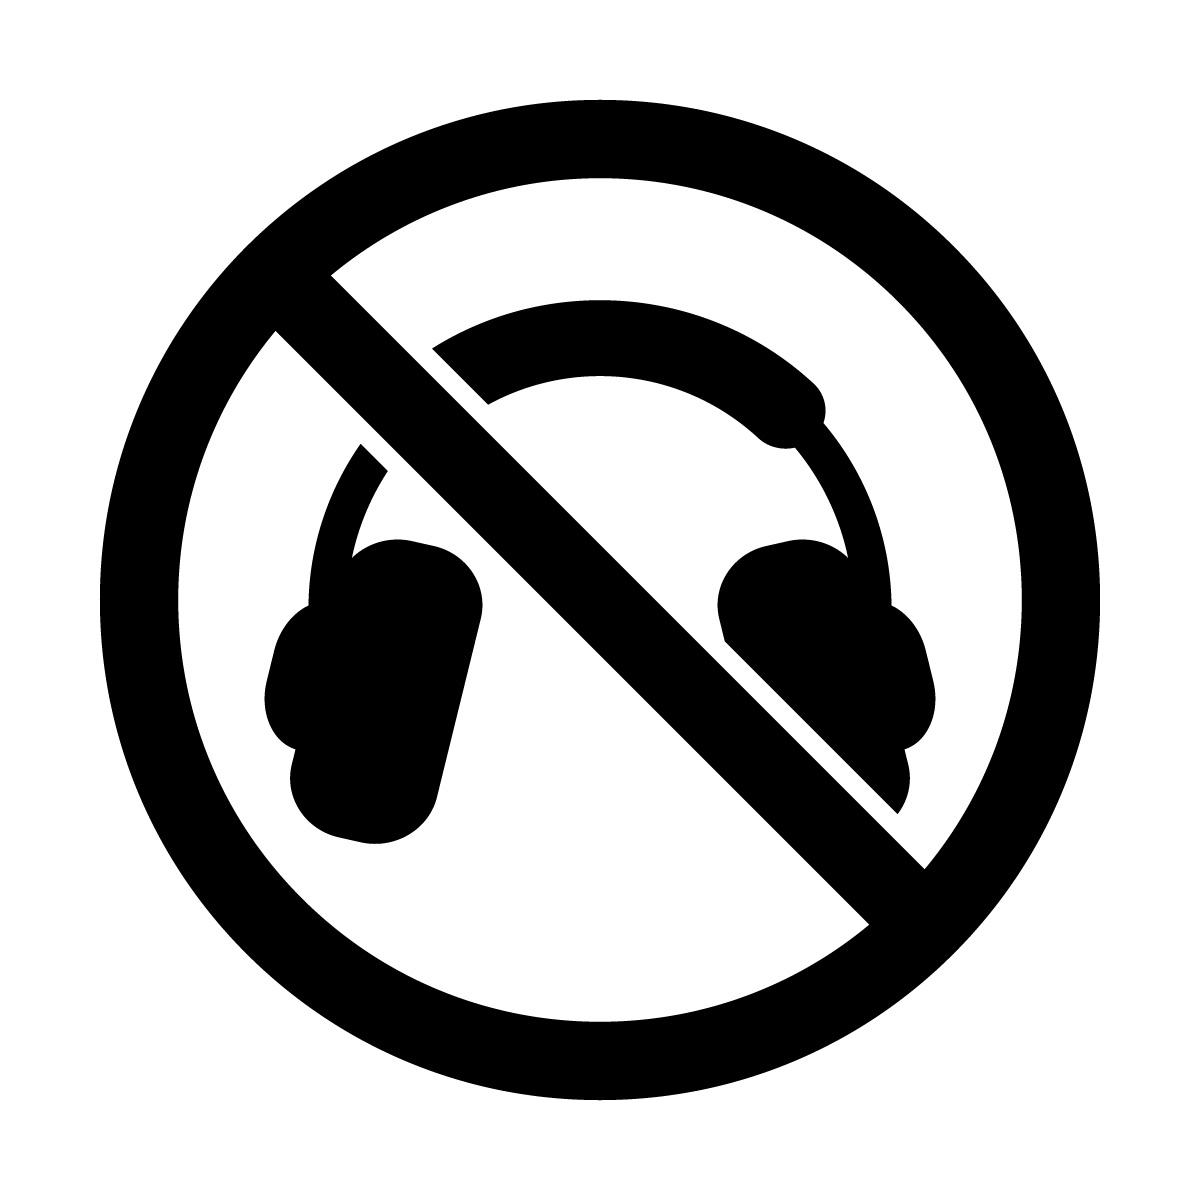 黒色のヘッドホン使用禁止マークのカッティングステッカー・シール